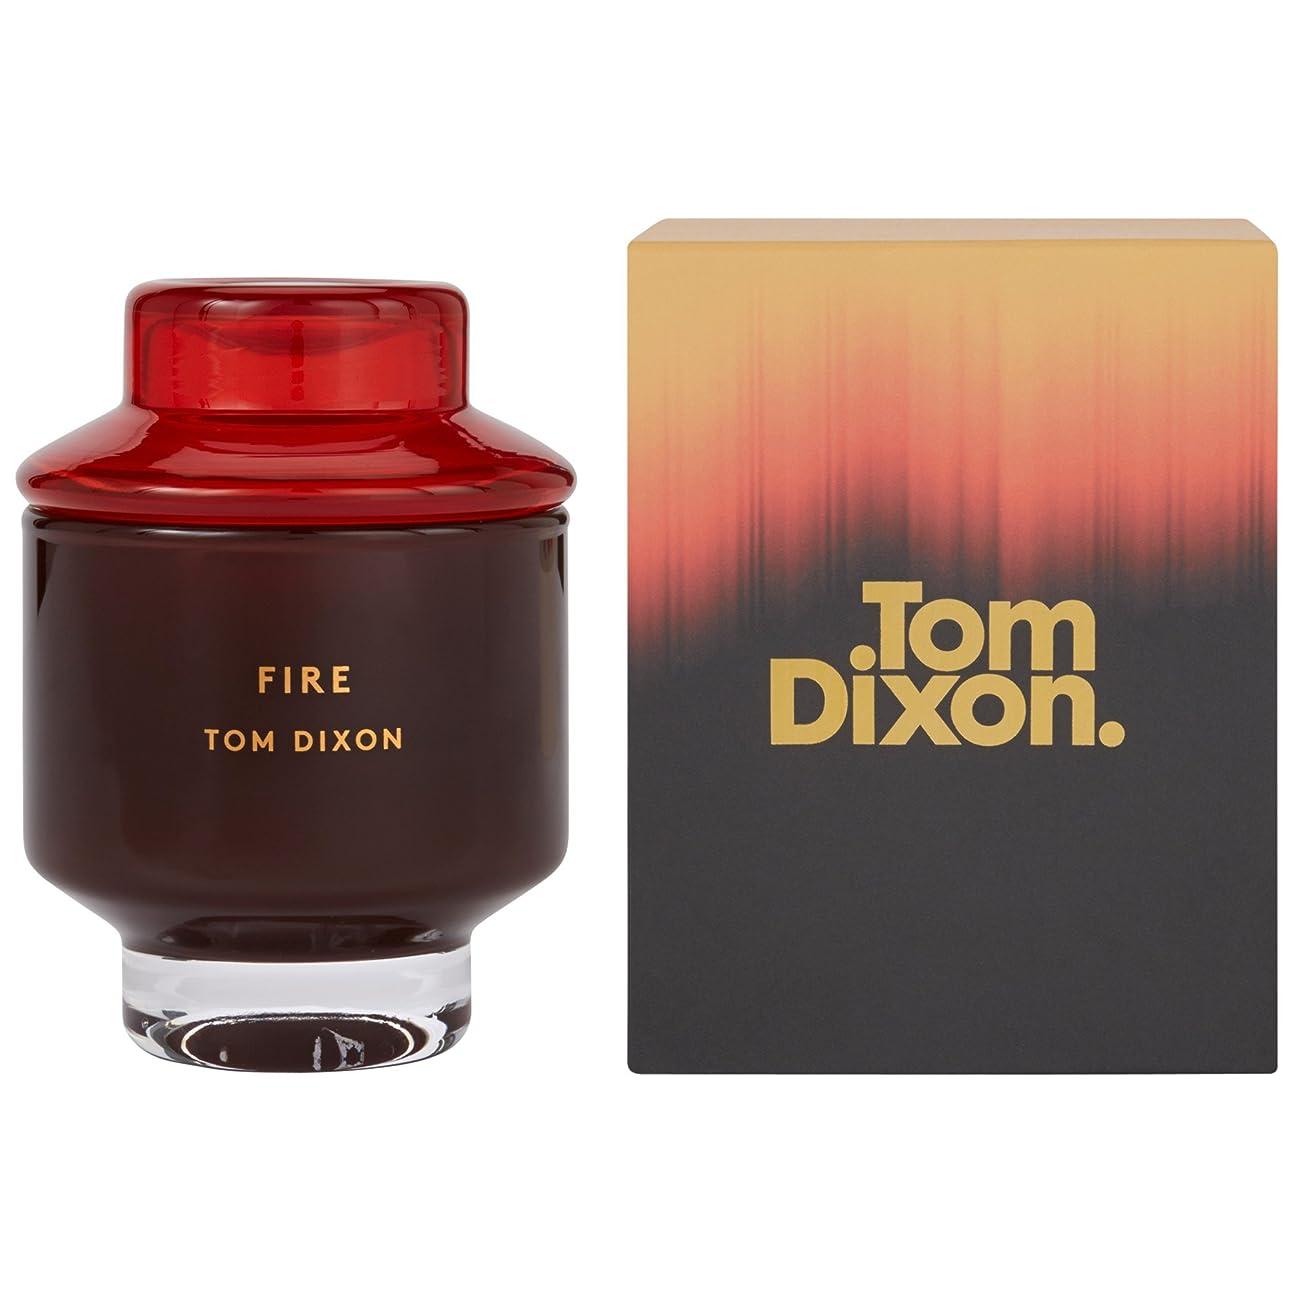 隠された符号ハイキングに行くTom Dixon Fire Scented Candle Medium - トム?ディクソン火災香りのキャンドル媒体 [並行輸入品]